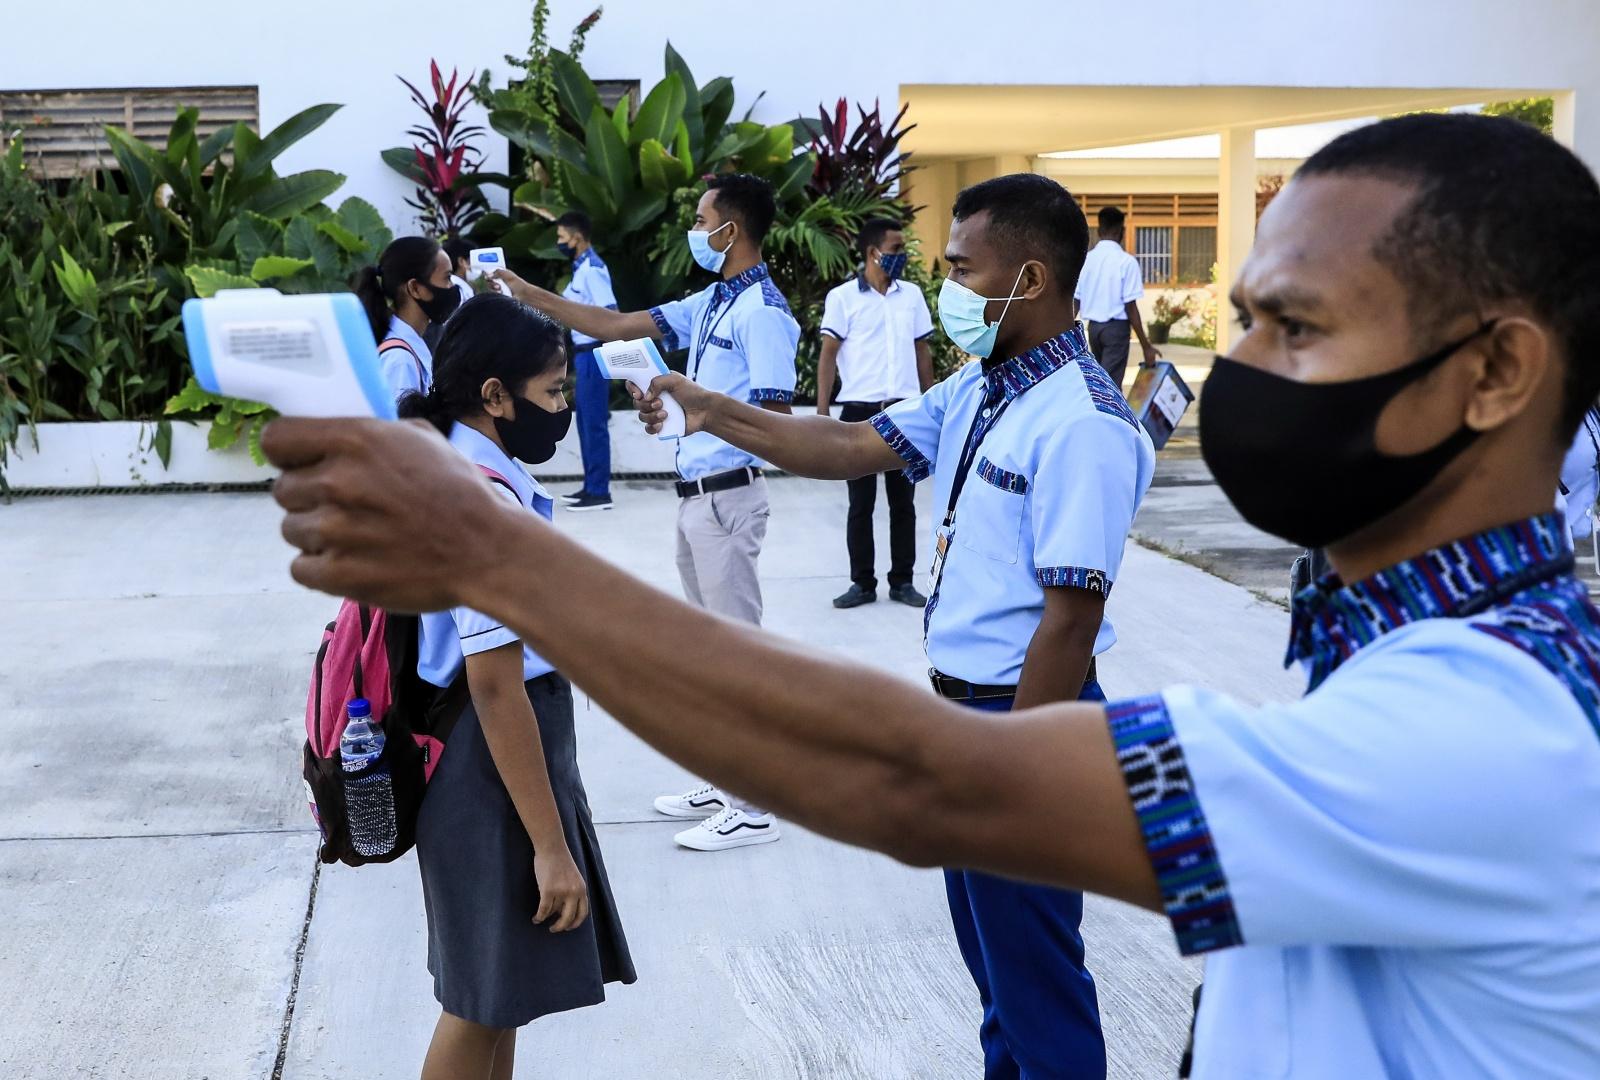 Covid-19 | Preocupações aumentam em Timor-Leste com mais casos em Timor Ocidental